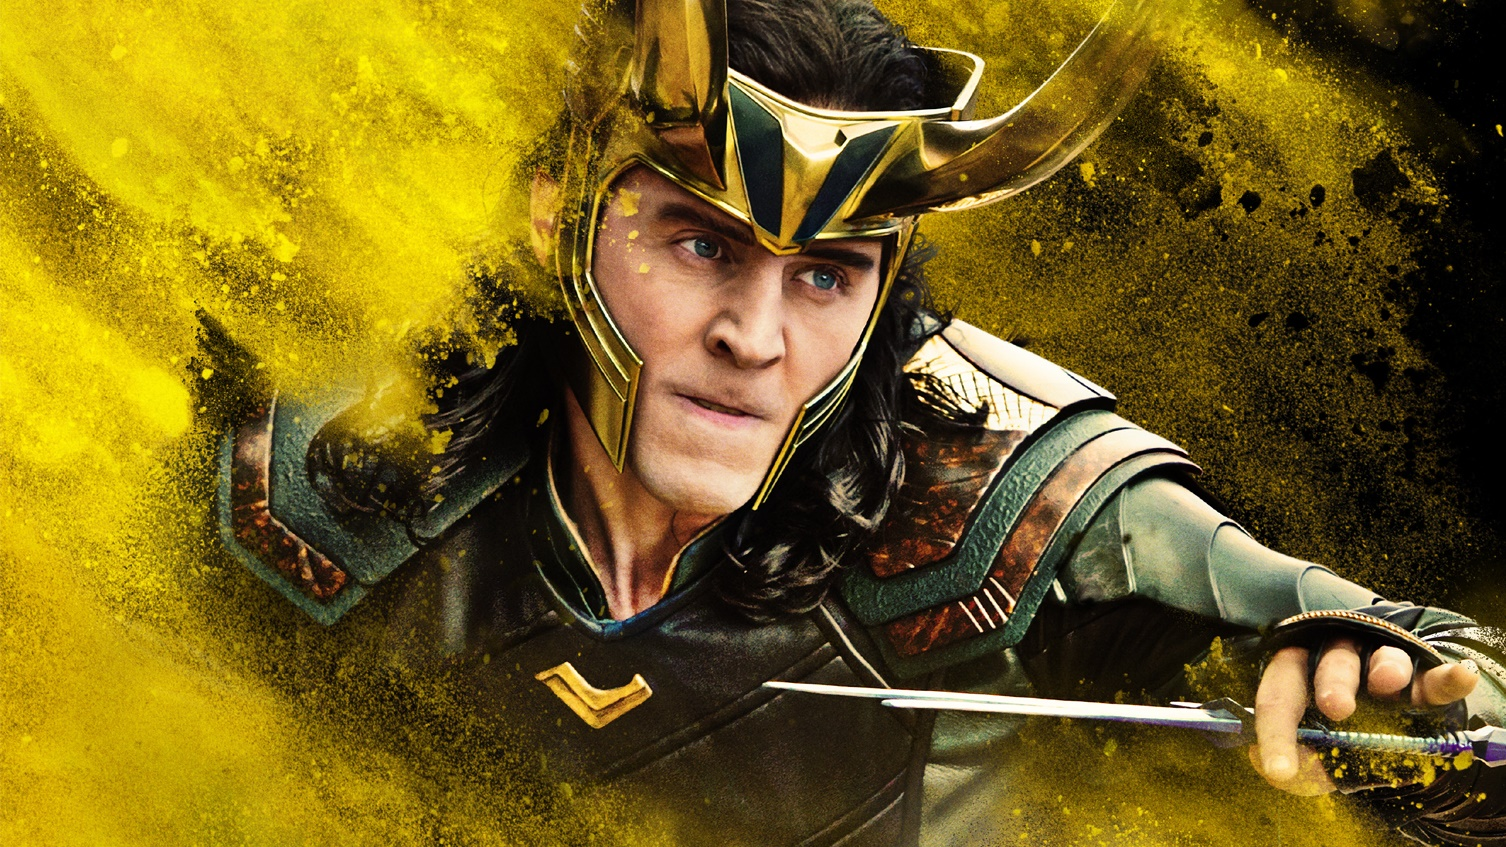 thor-ragnarok-poster-tom-hiddlestonnn.jpg